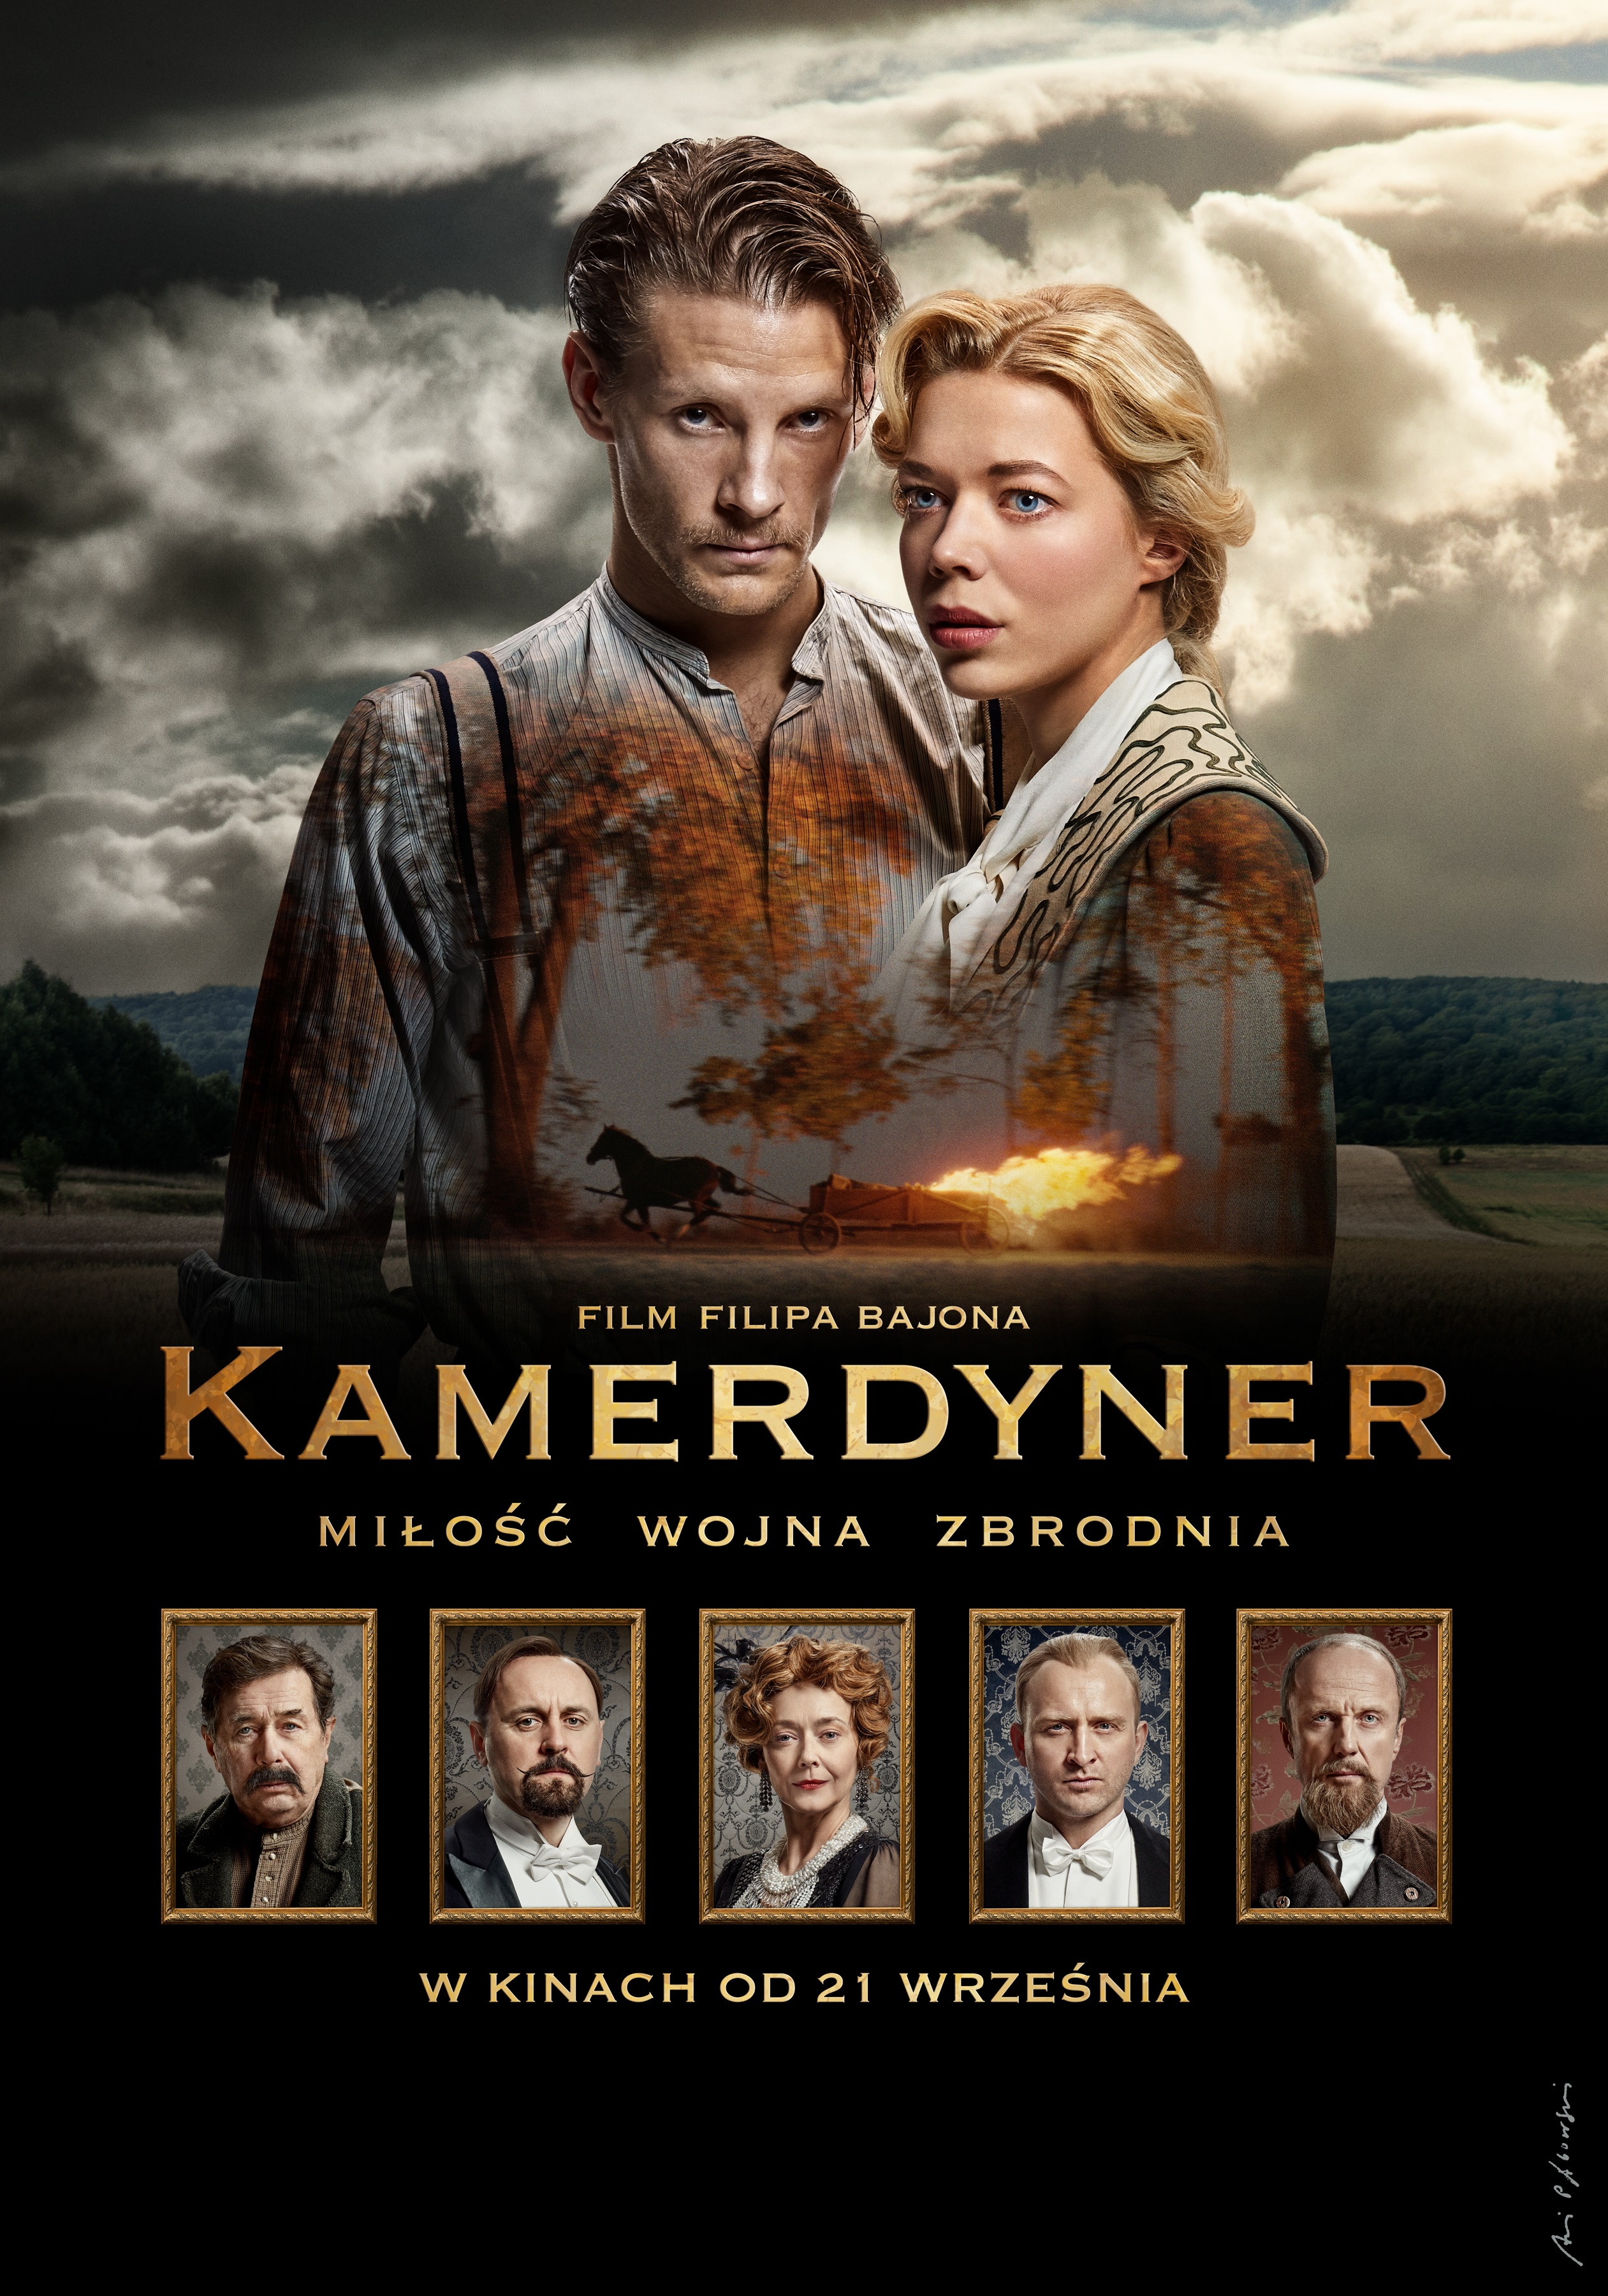 Kamerdyner 2018 IMDb